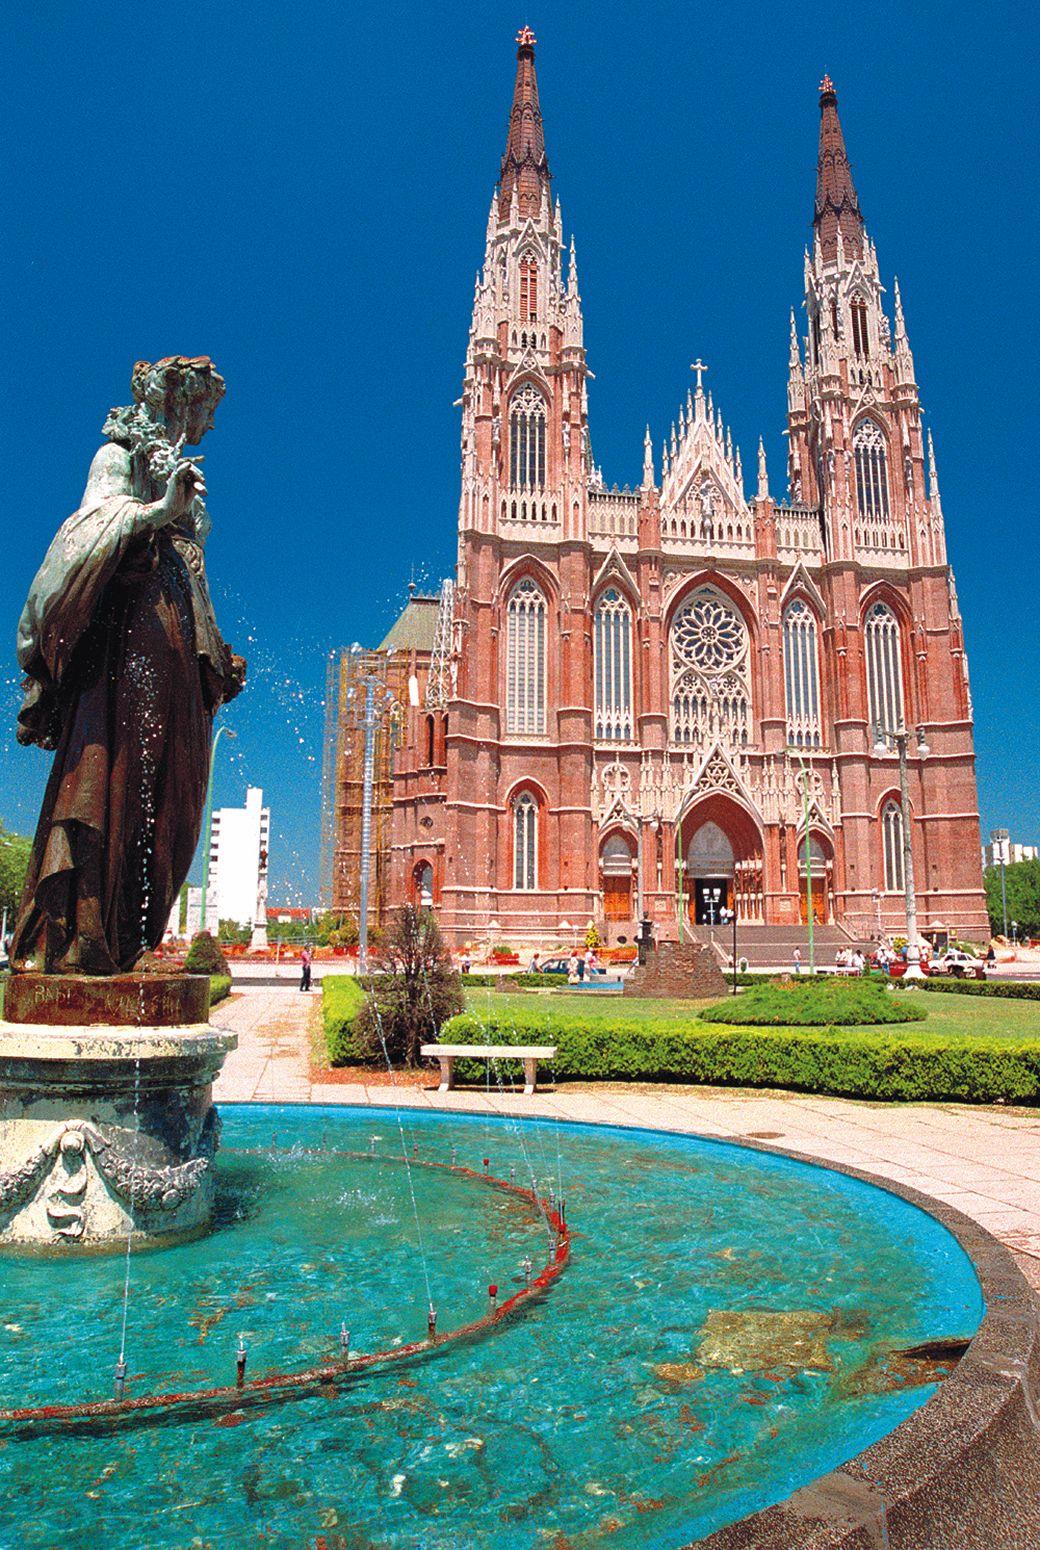 Argentina, Buenos Aires, La Plata, Nuestra Señora de Lujan Cathedral